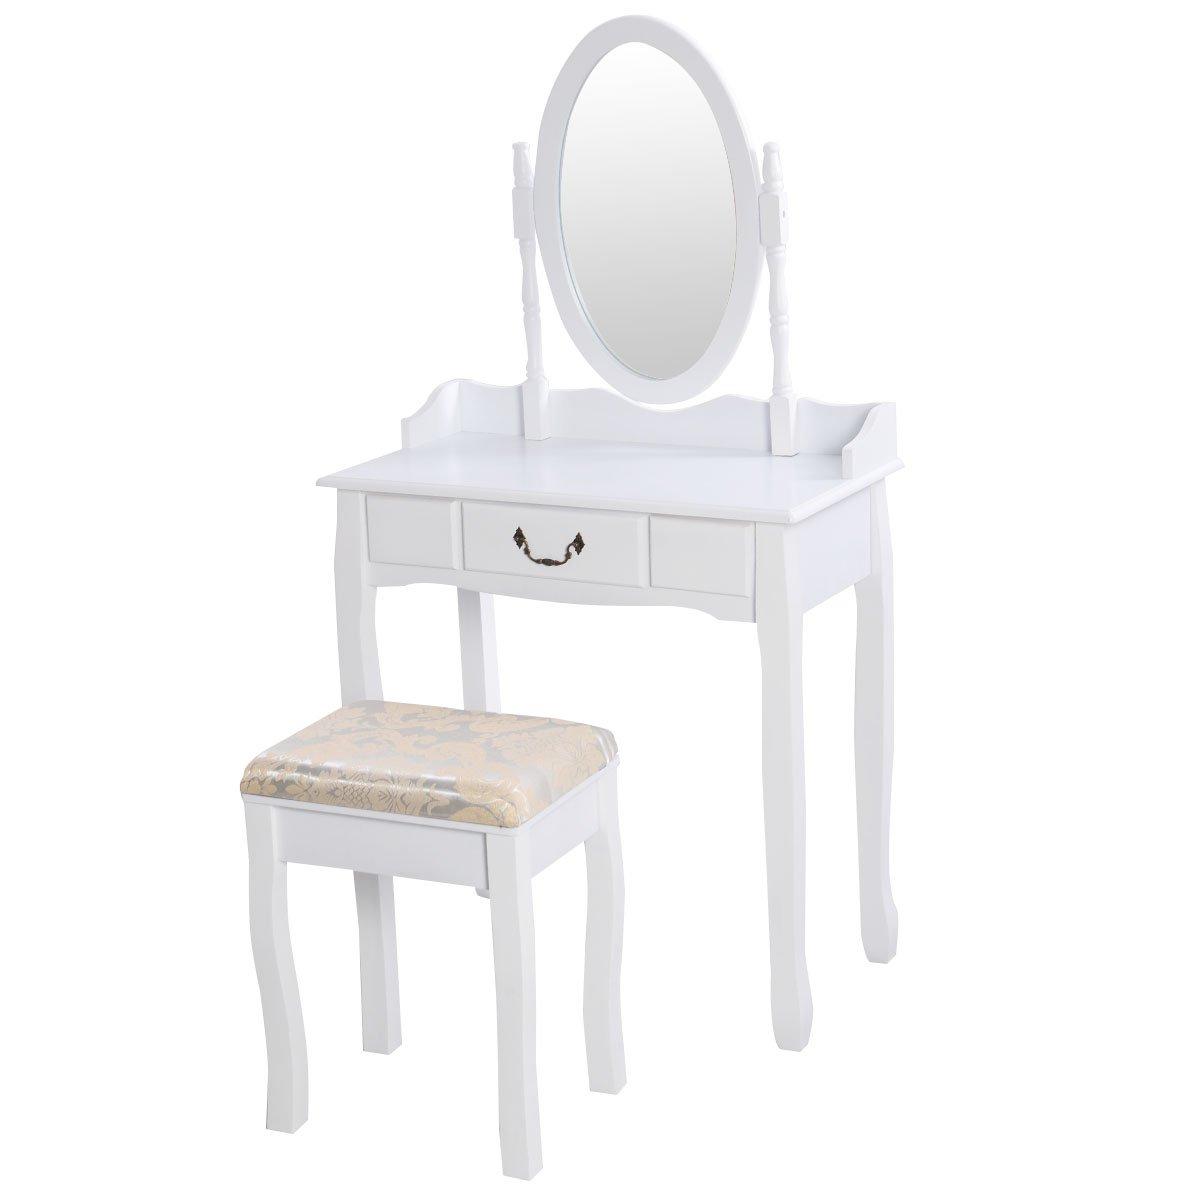 schlafzimmer set mit schminktisch wellem bel schlafzimmer wandgestaltung 3d wo kann man. Black Bedroom Furniture Sets. Home Design Ideas